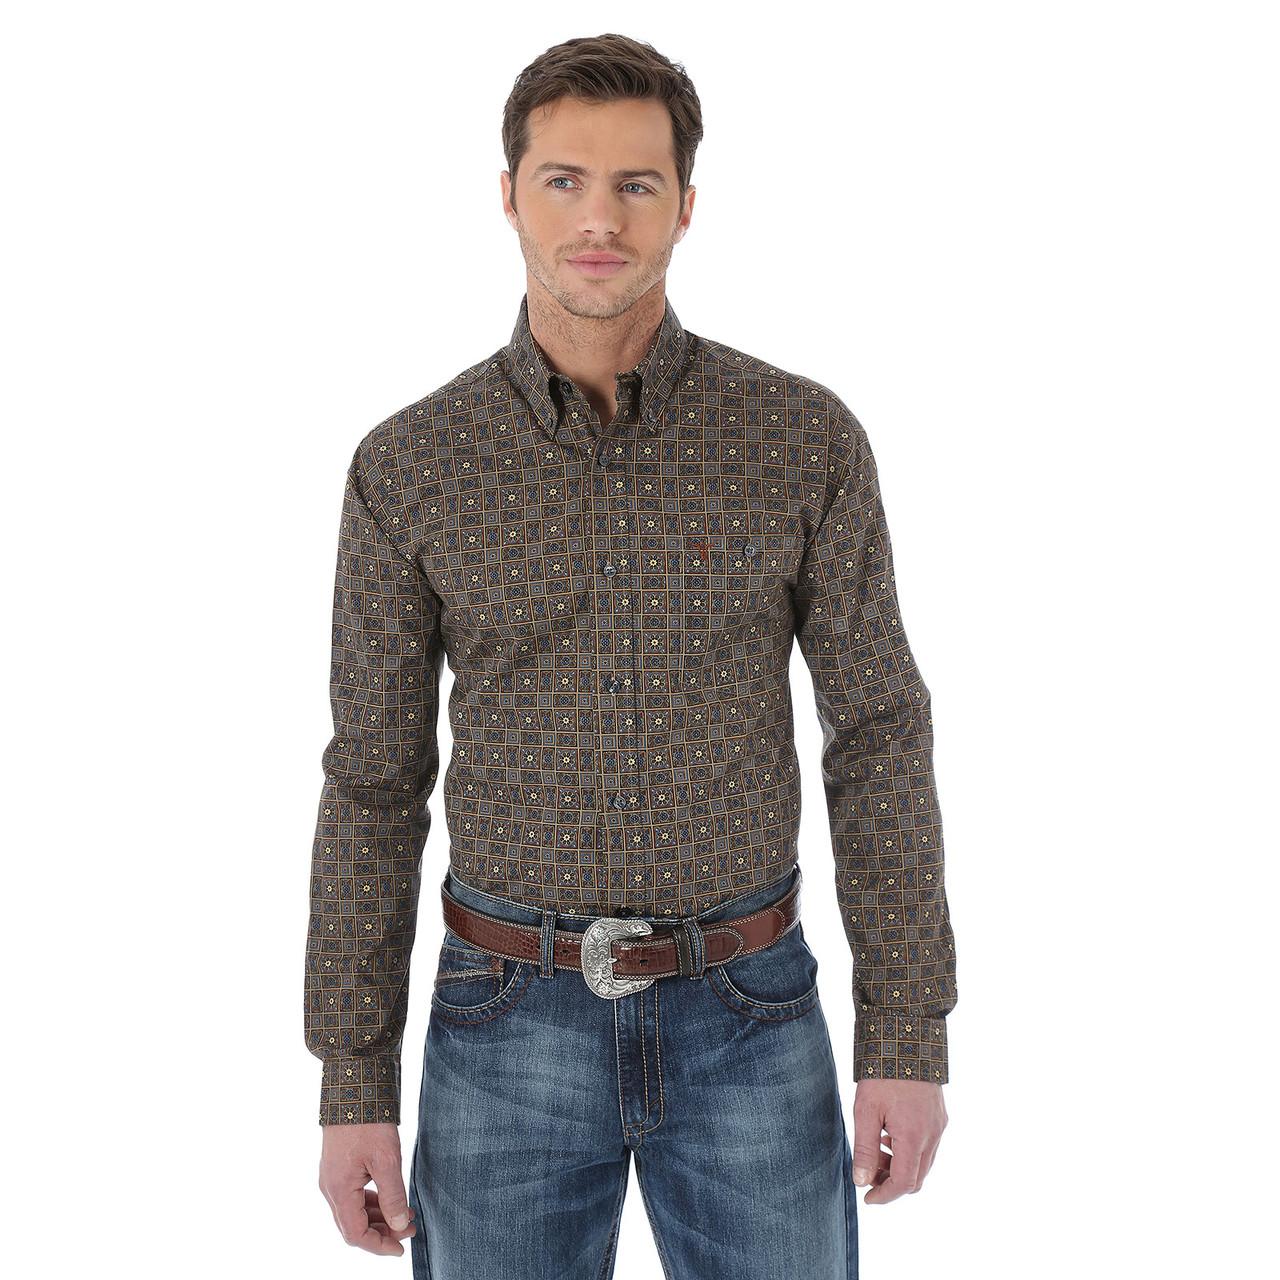 Рубашка Wrangler 20X, M, Tan/Blue, MJ2601M, фото 1